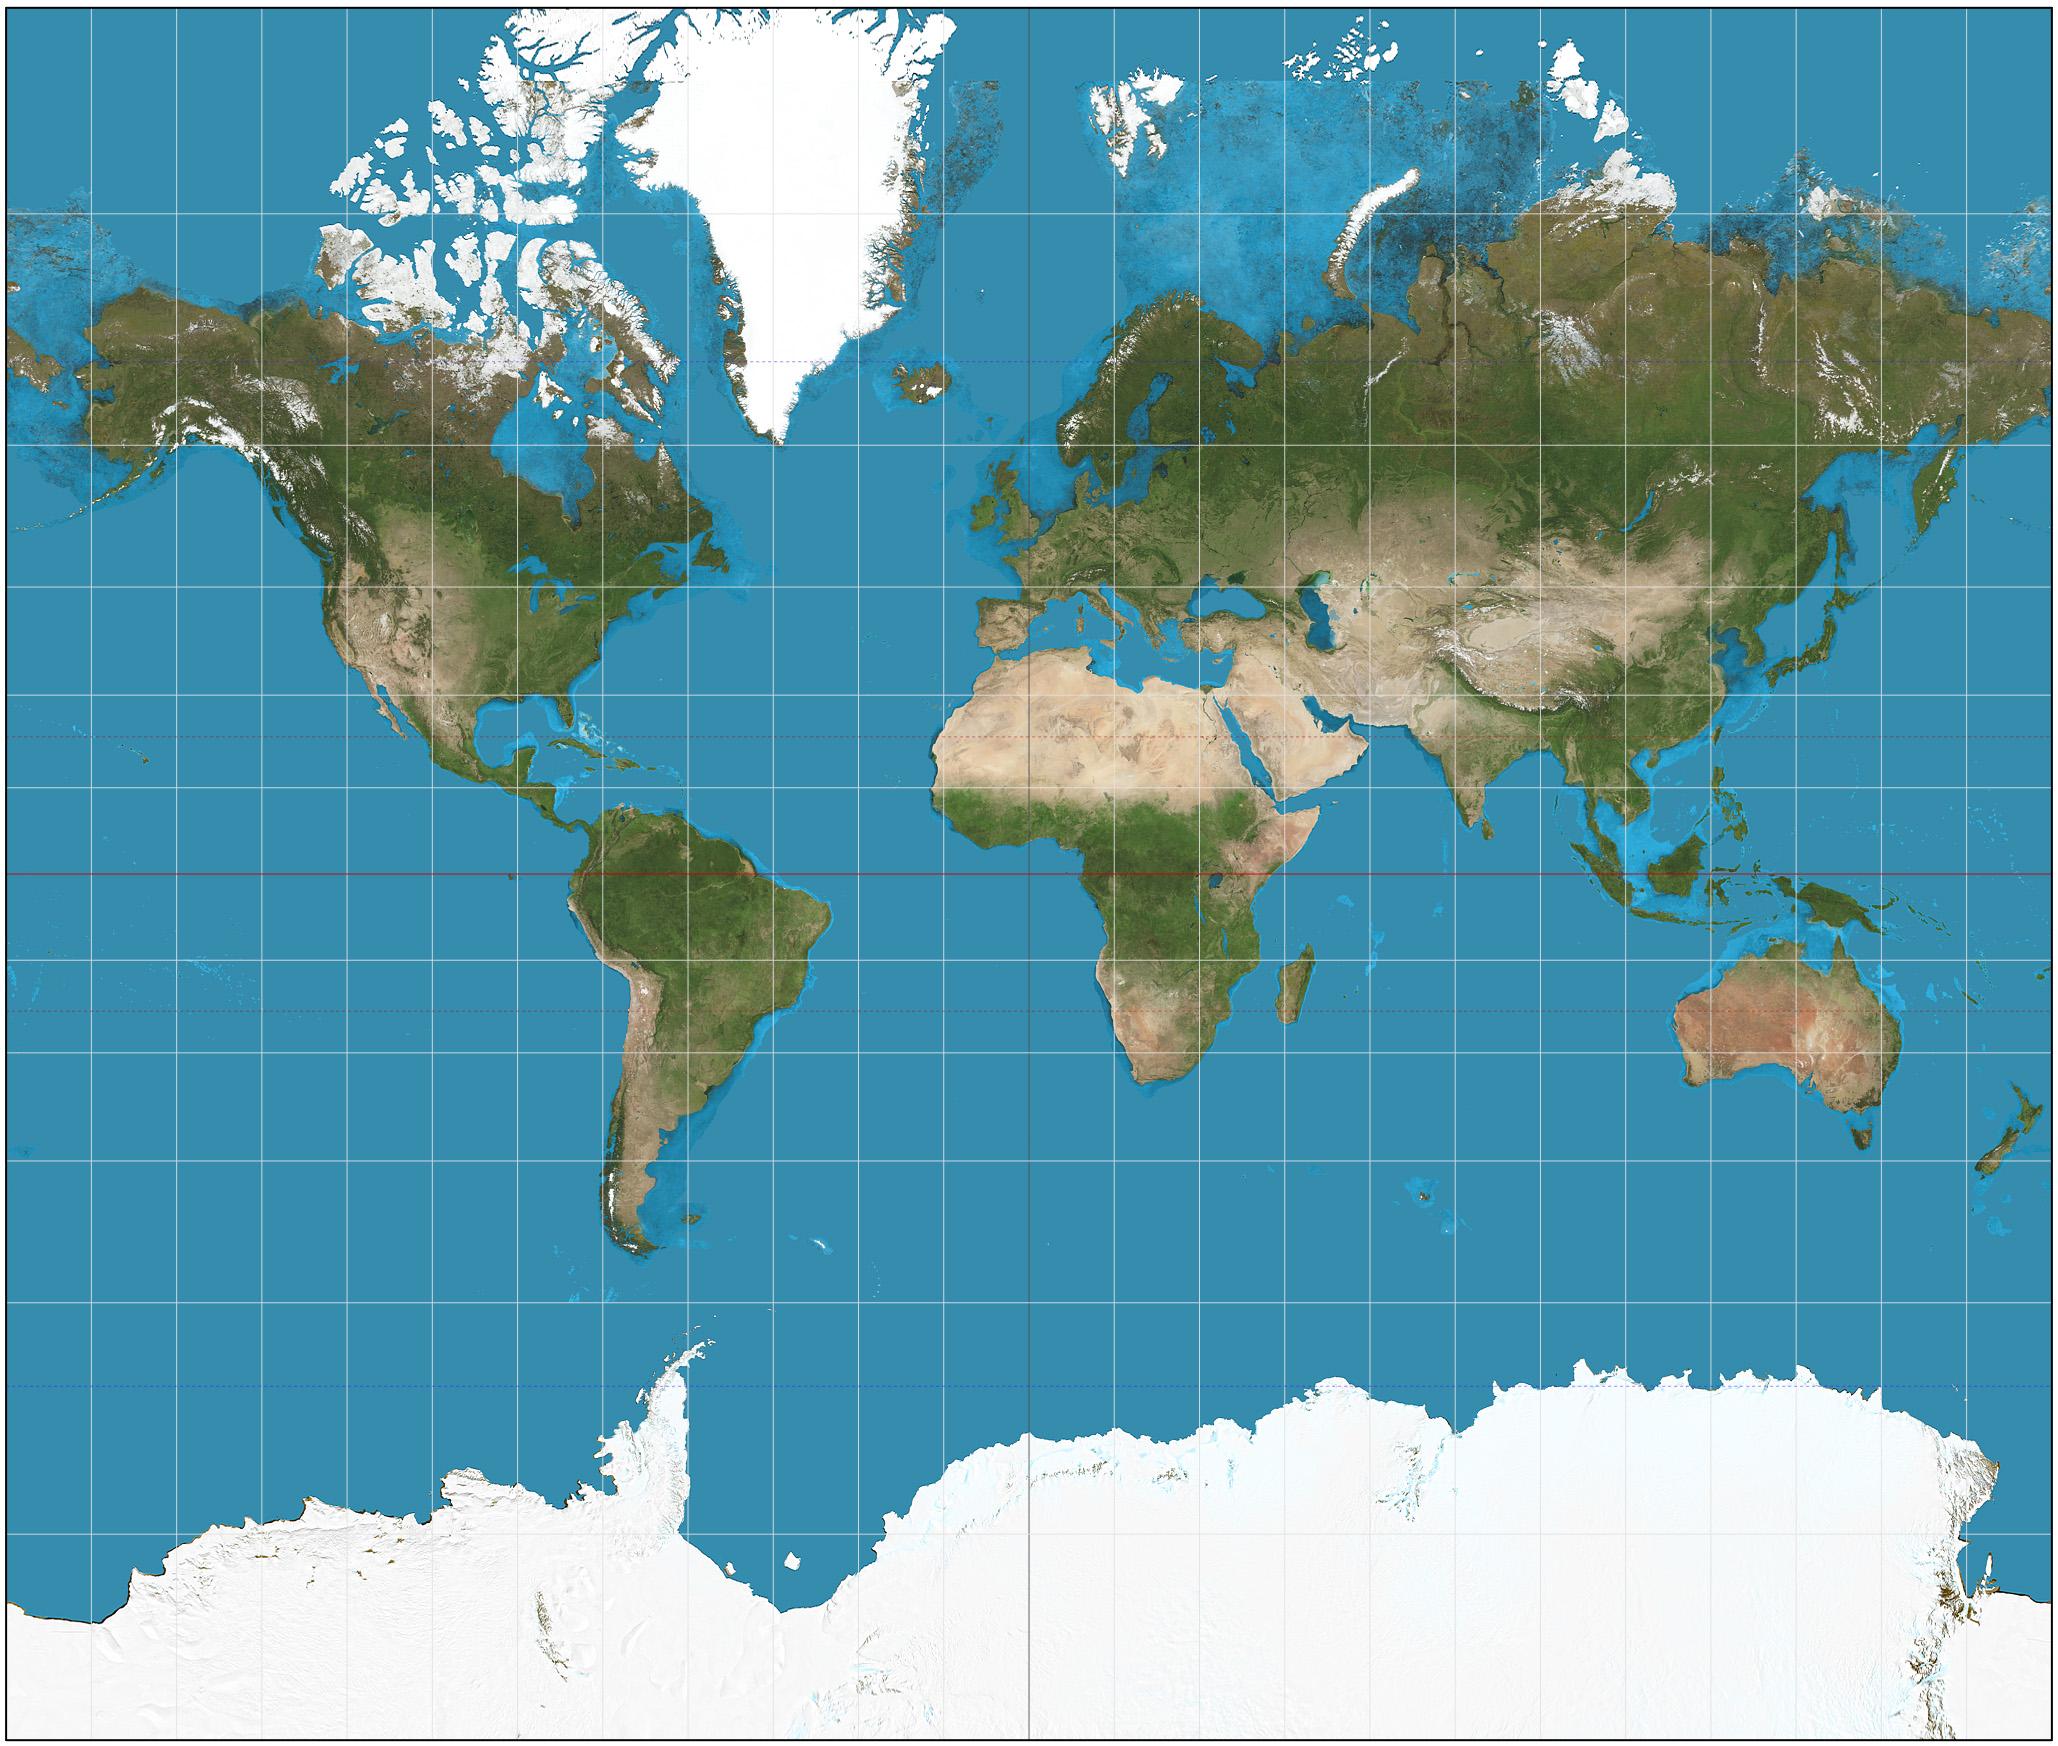 世界地图(圆形+方形)